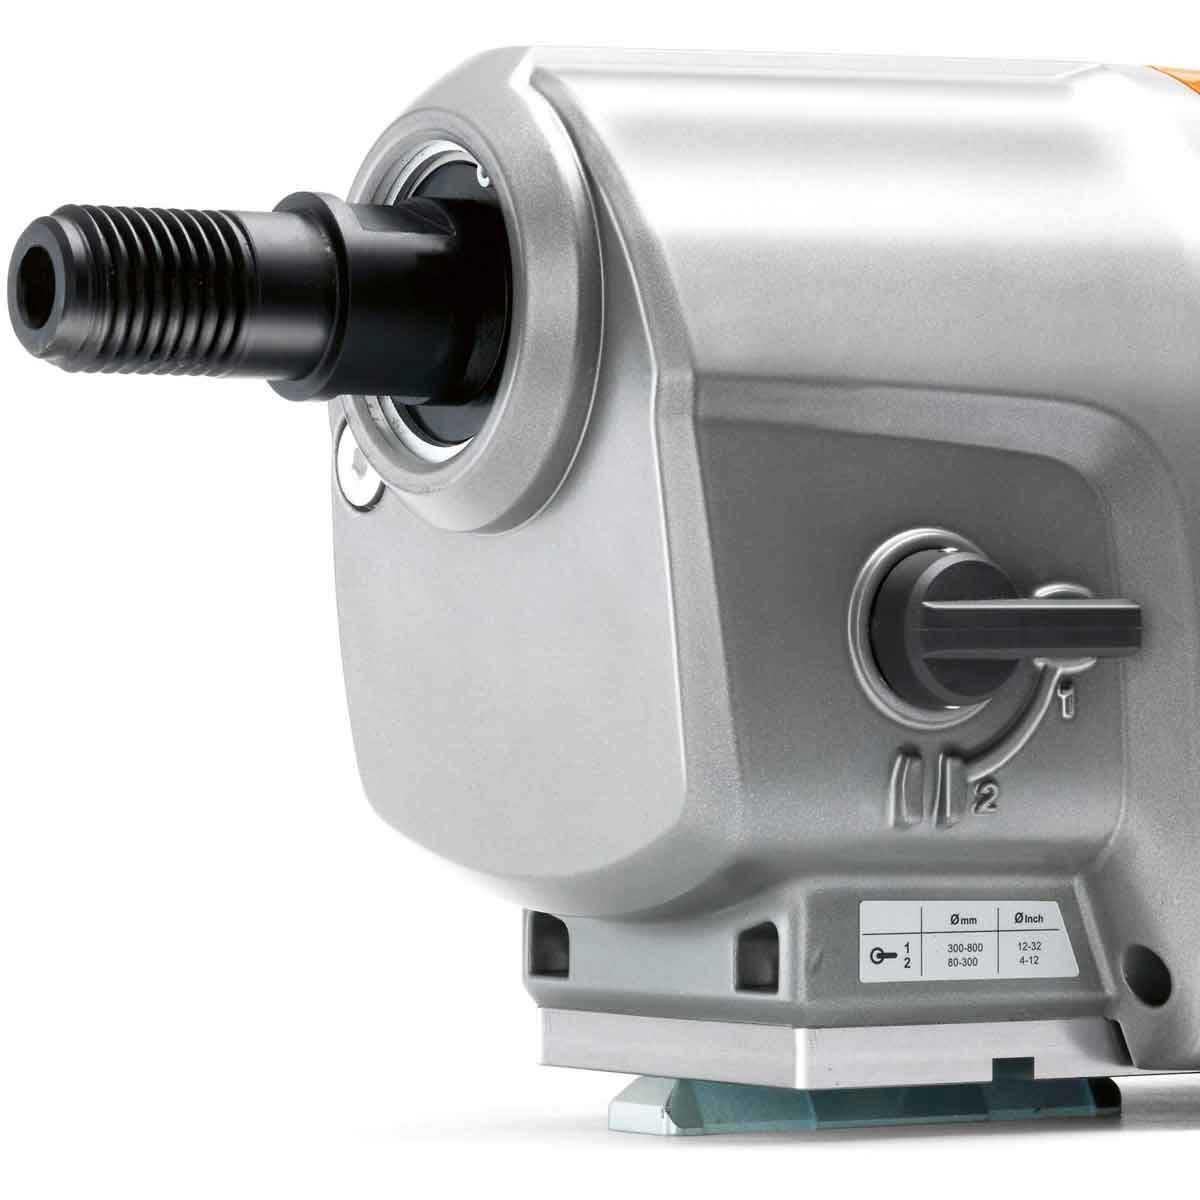 Husqvarna DM650 Motor Drill gear